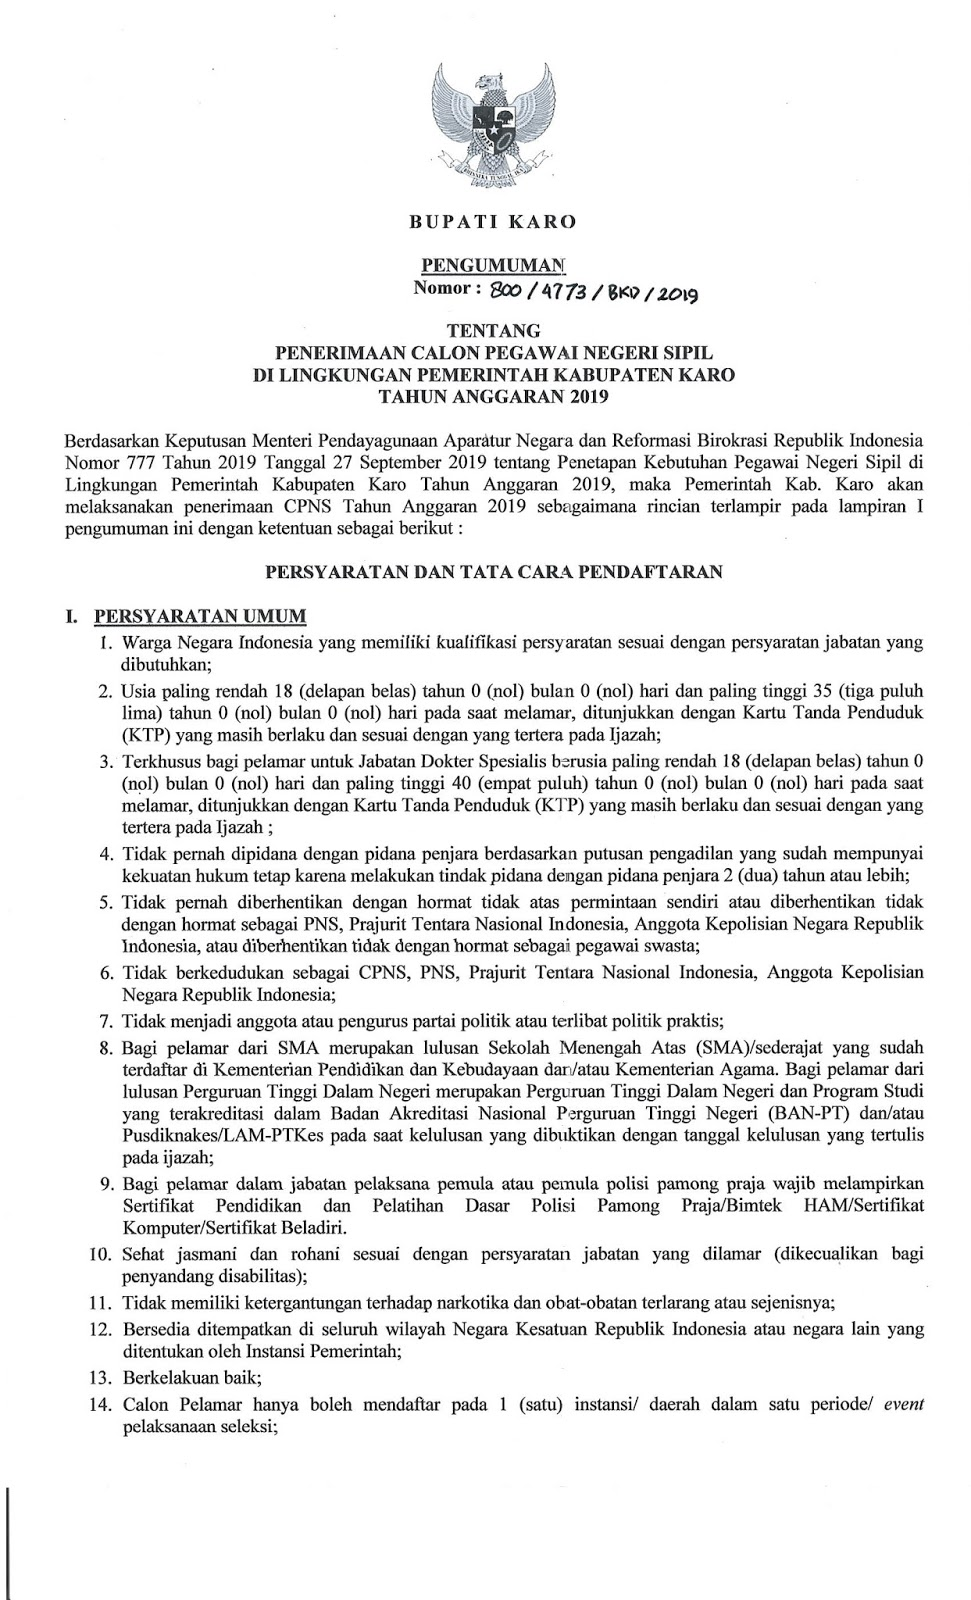 Lowongan CPNS Kabupaten Karo Tahun Anggaran 2019 [261 Formasi]